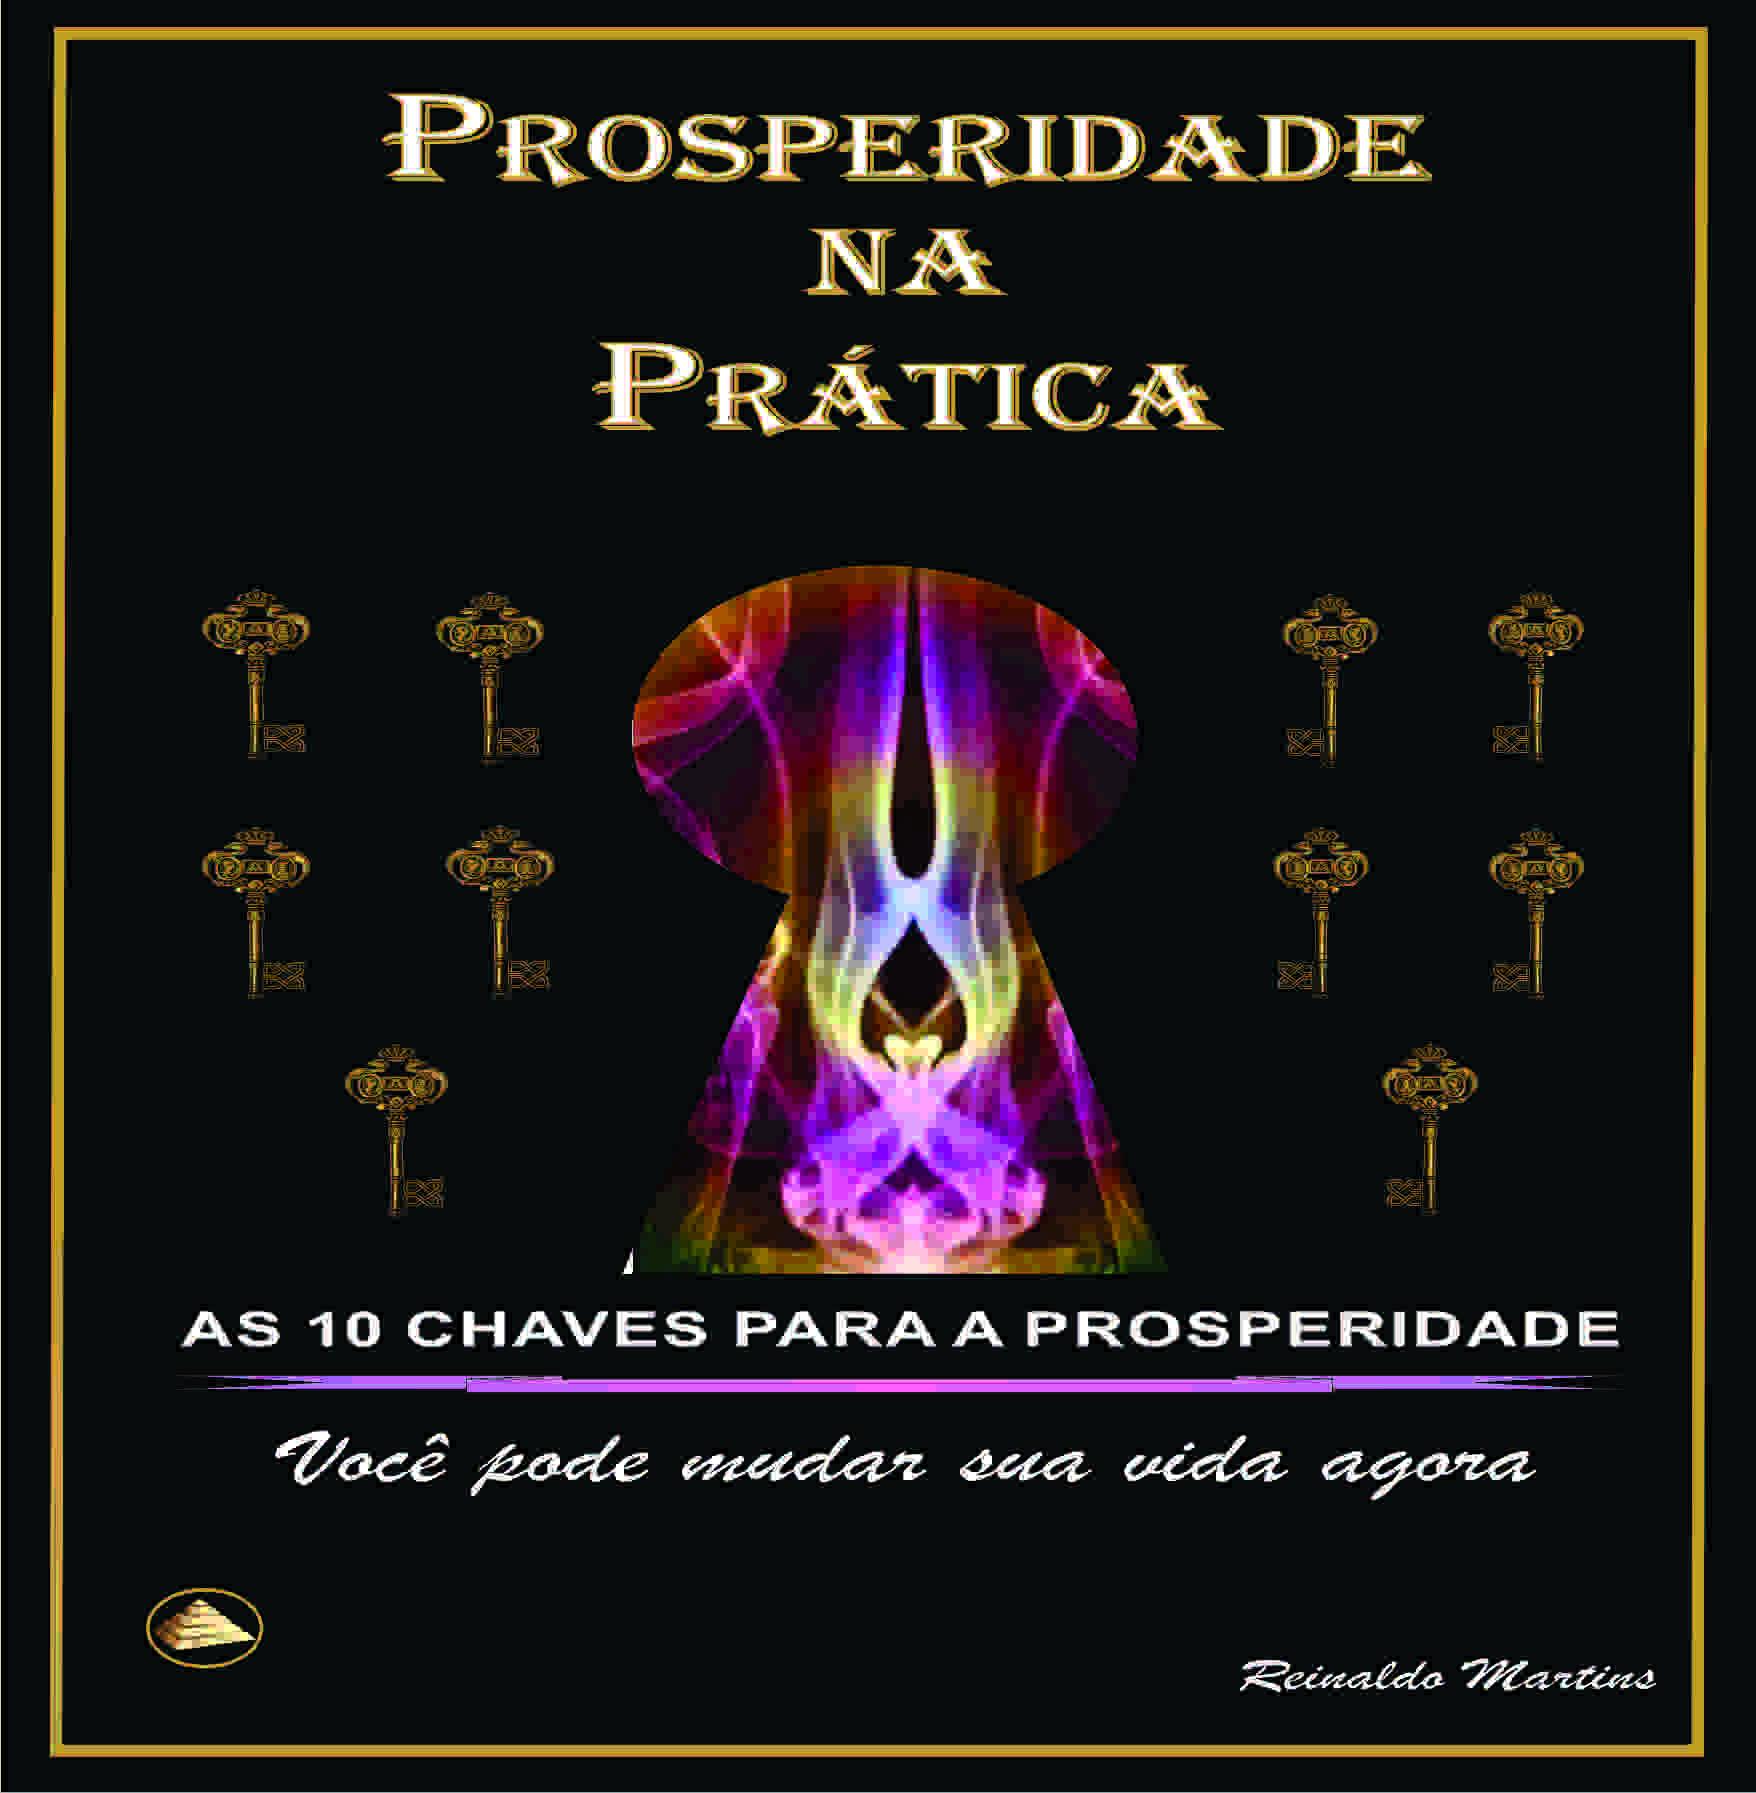 Ebook AS 10 CHAVES DA PROSPERIDADE